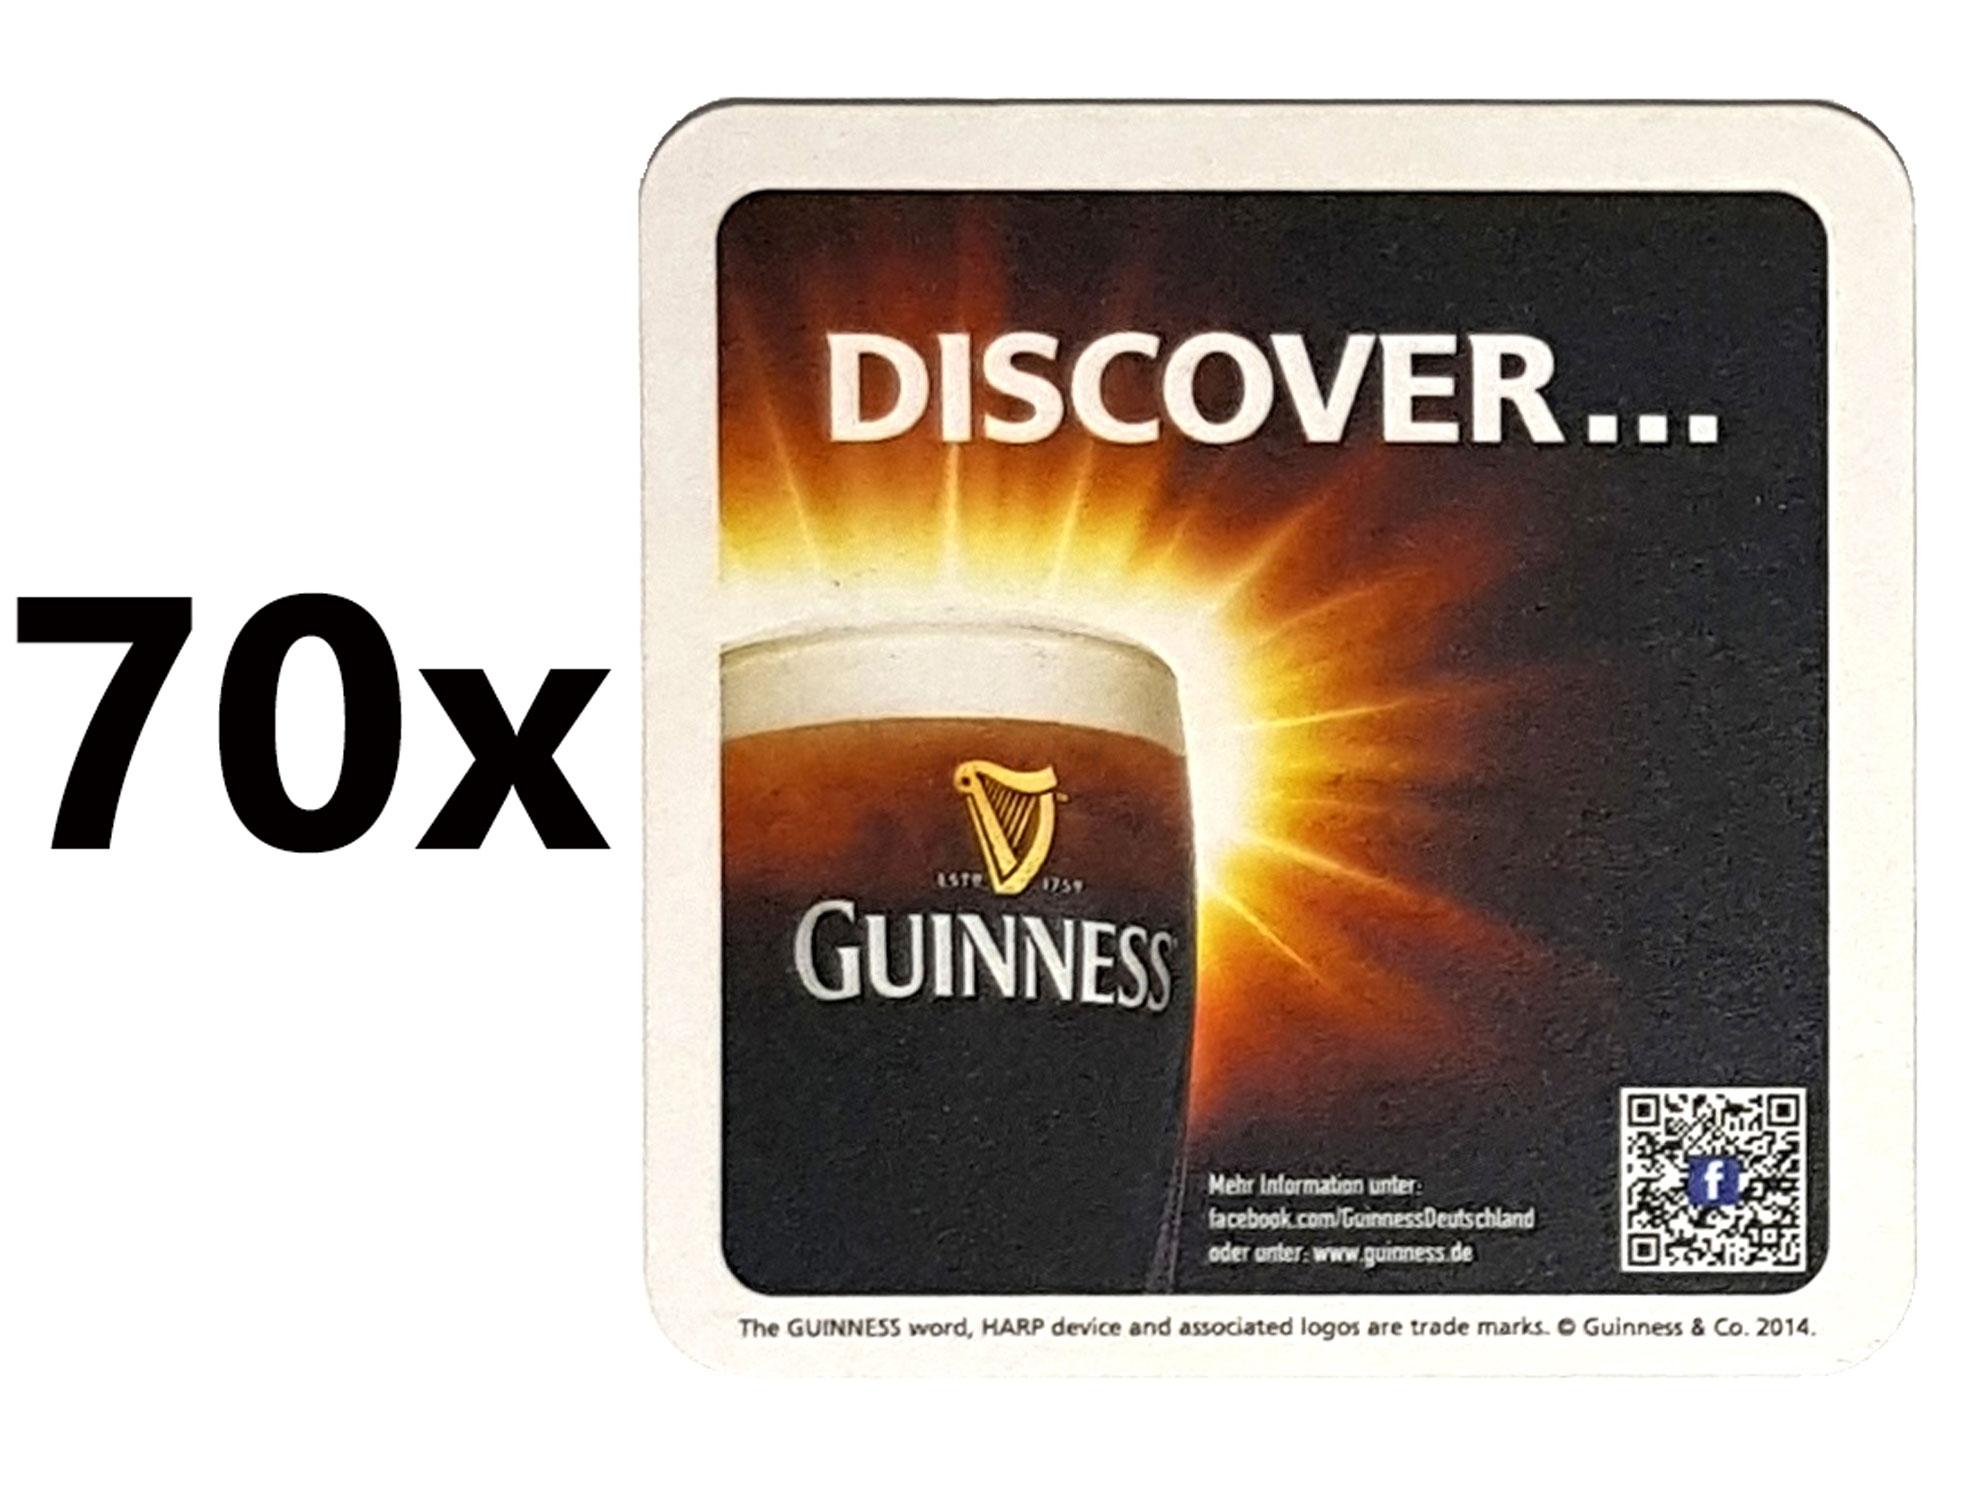 Guinness Discover Bierdeckel Untersetzer Unterlage Pappdeckel Bierfilz - 70er Packung